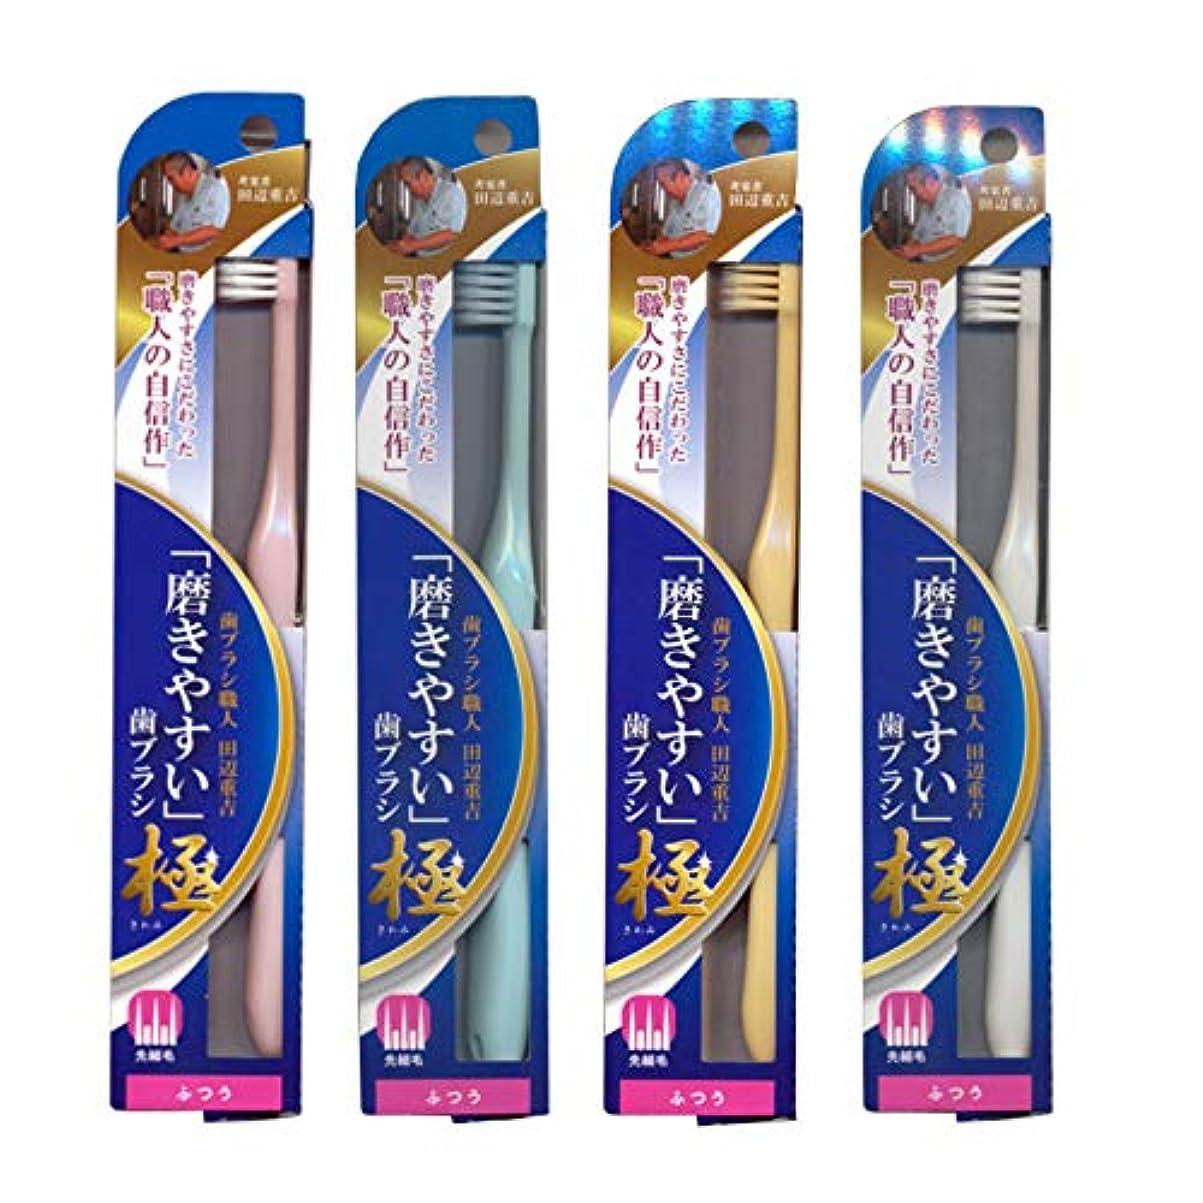 先祖あいまいさ福祉磨きやすい歯ブラシ極 (ふつう) LT-44×4本セット(ピンク×1、ブルー×1、ホワイト×1、イエロー×1)先細毛